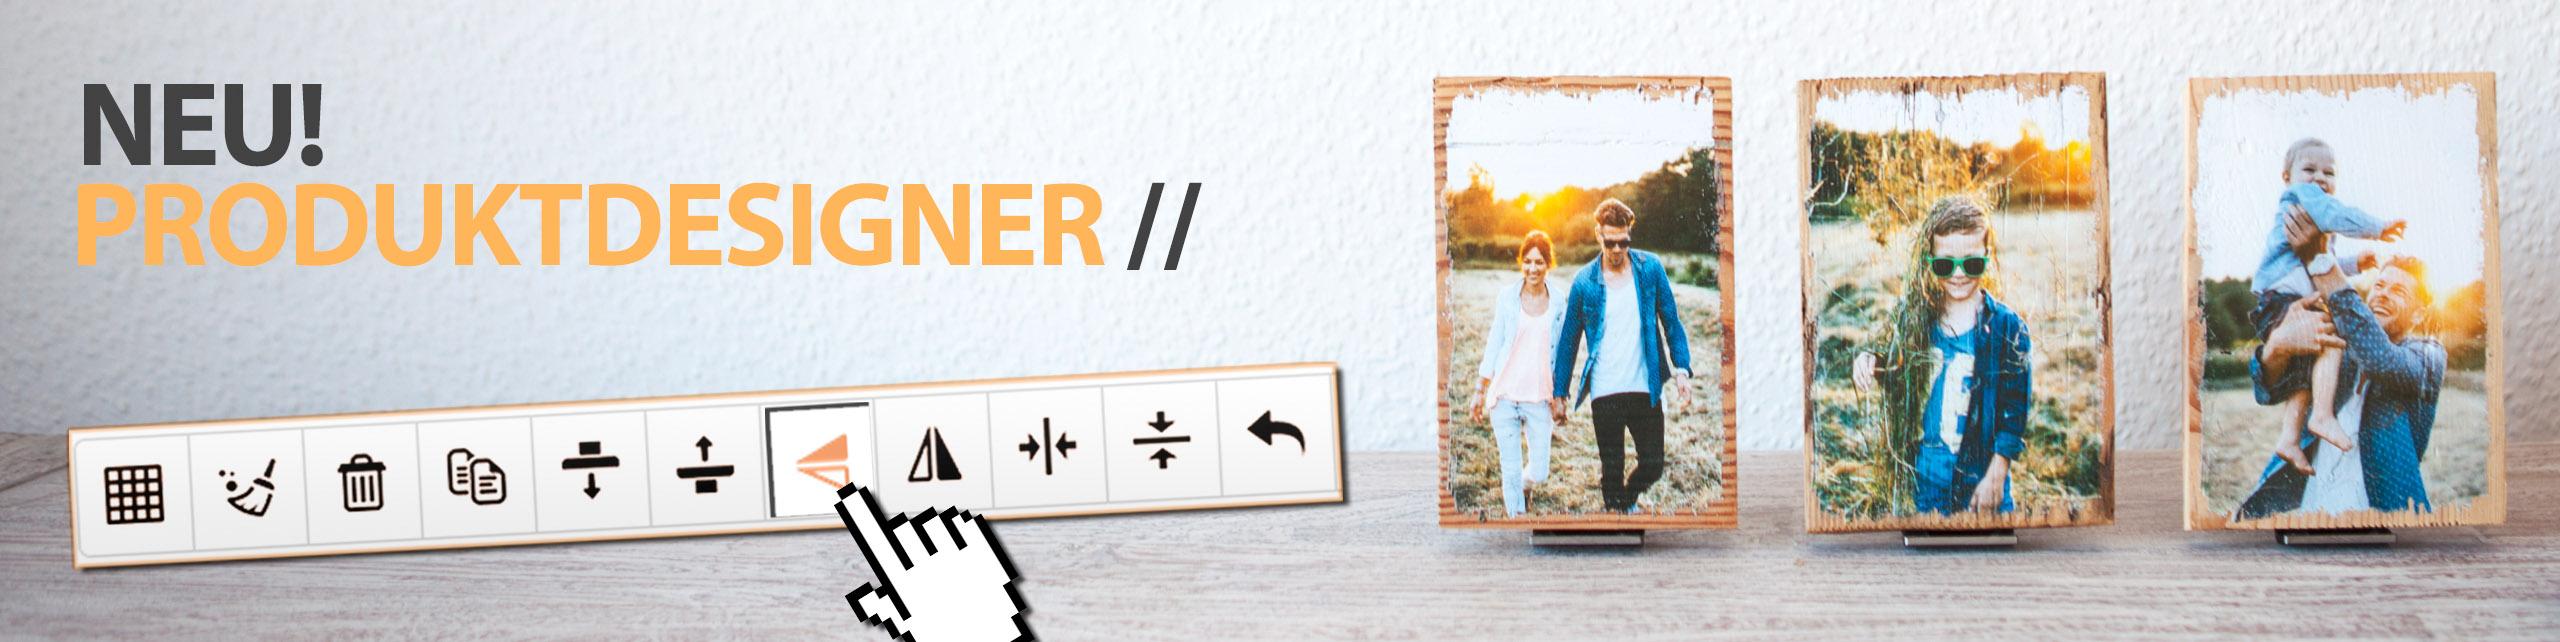 Produktdesigner Slider_2560-642